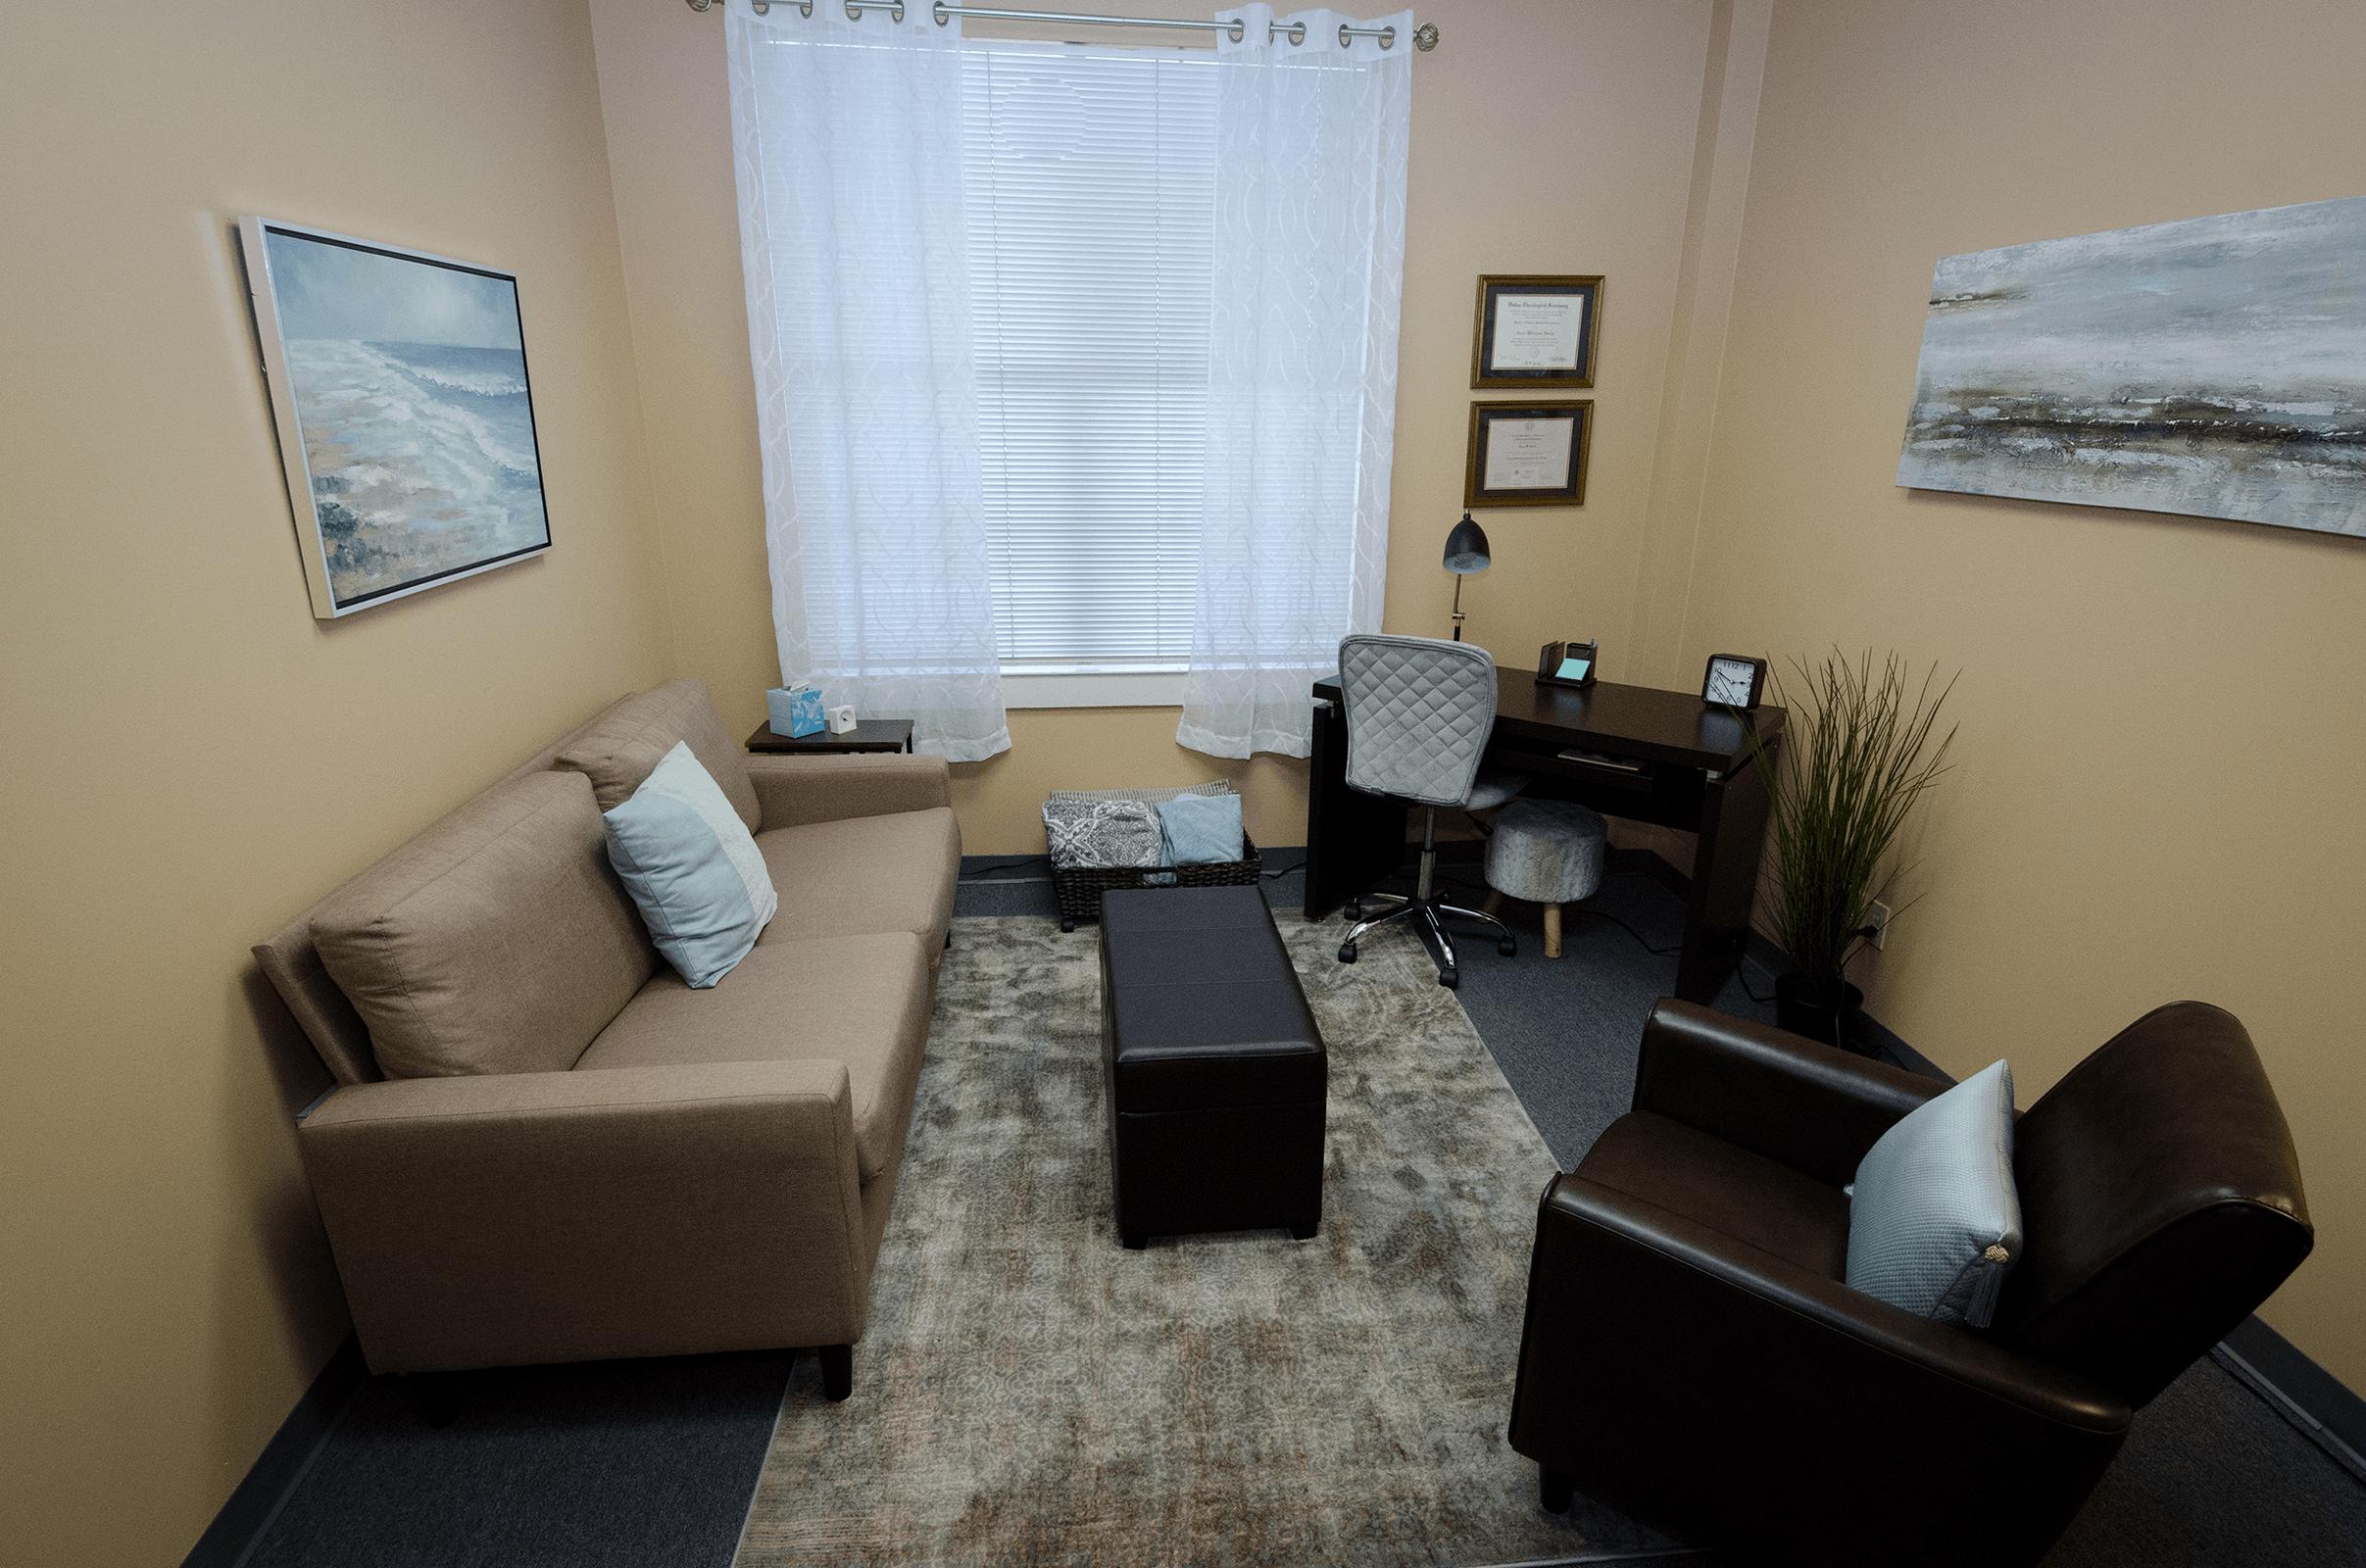 Janel's Office